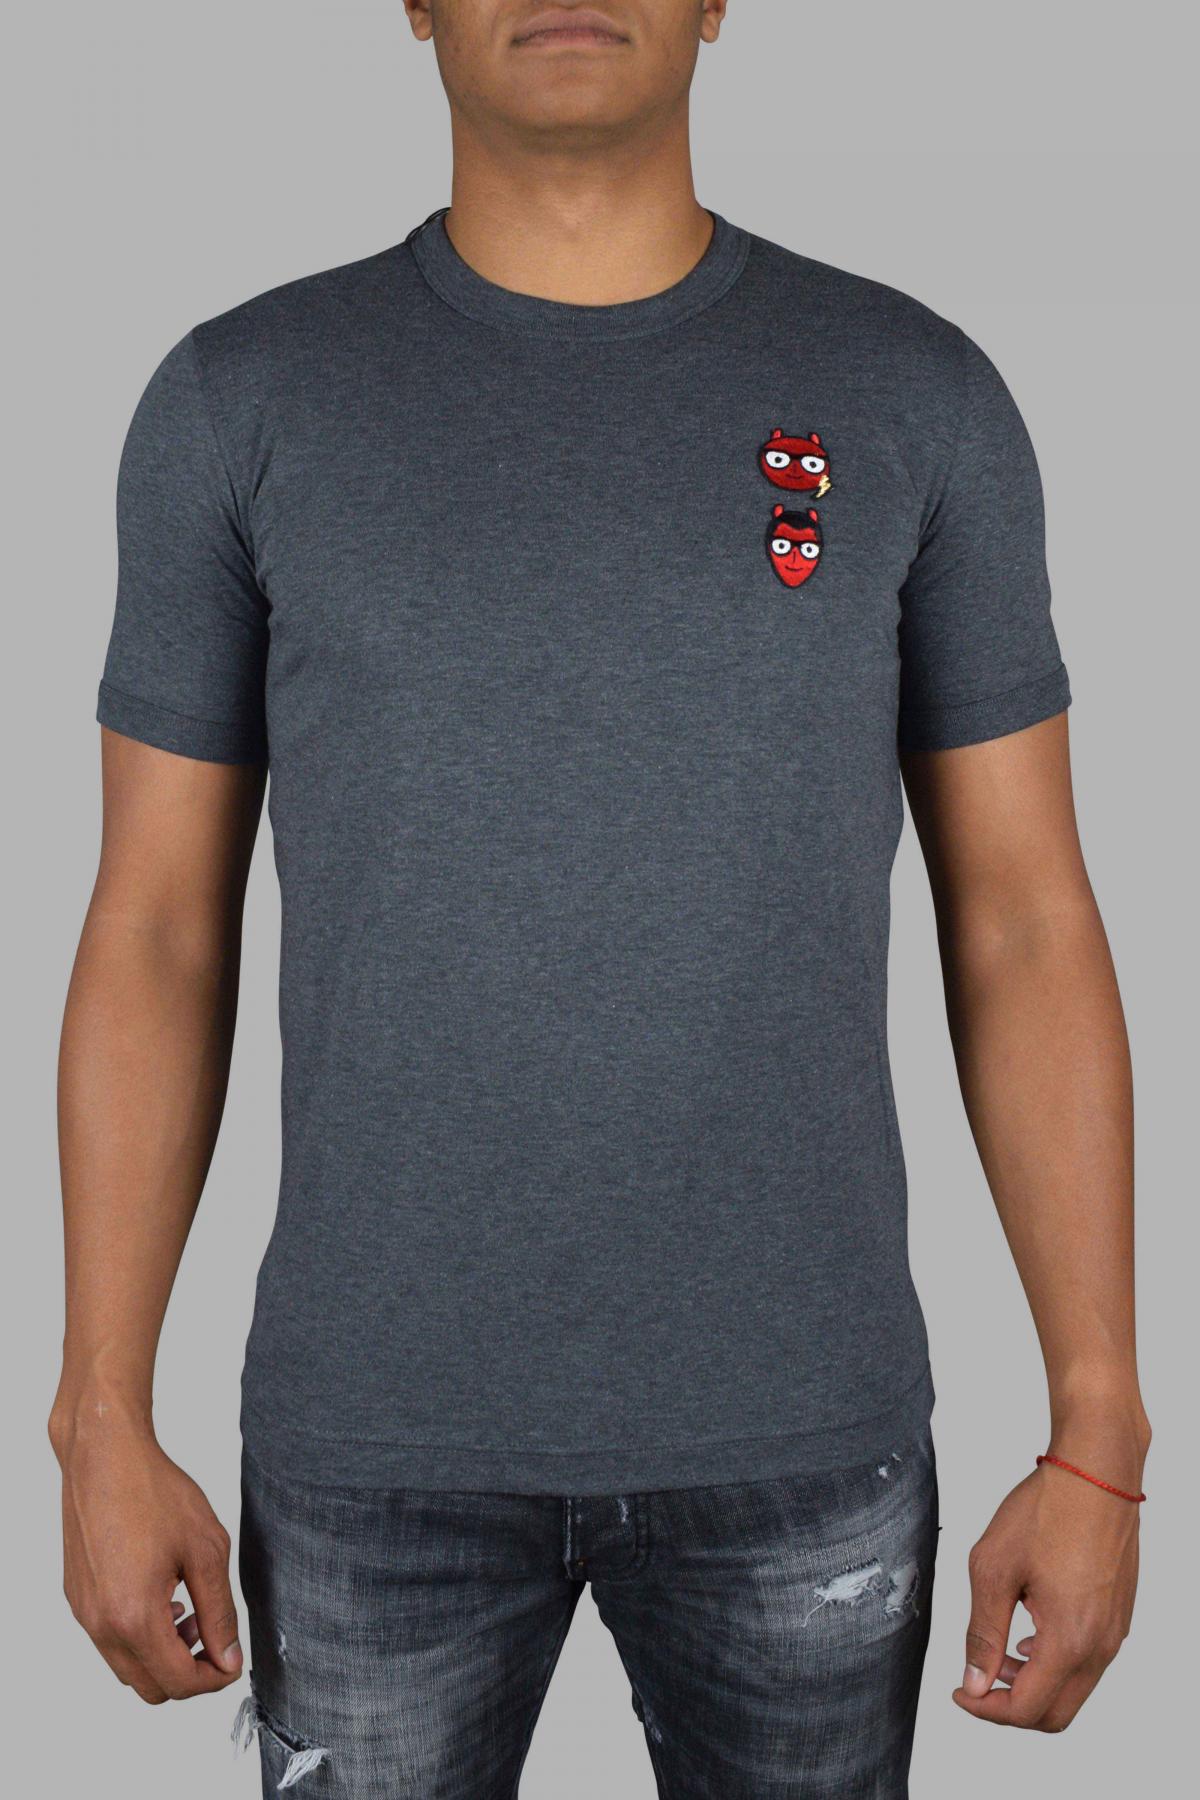 Dolce & Gabanna T-Shirt in gray cotton.